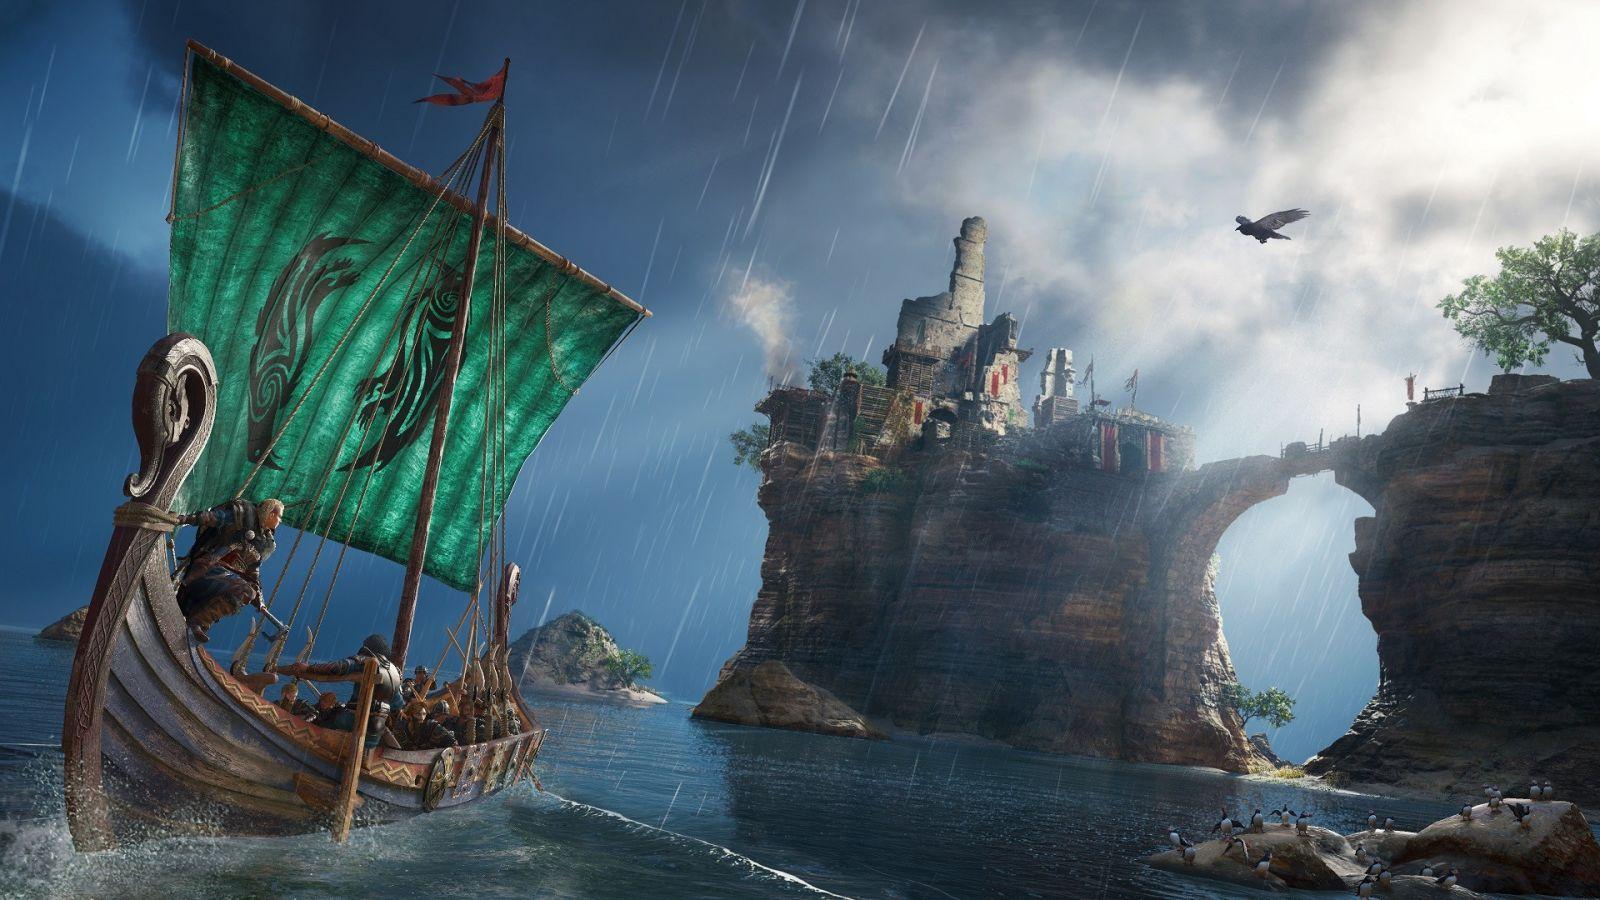 Ubisoft раскрыла все подробности касательно Assasin's Creed: Valhalla (495115ea952fa8be17620755759)